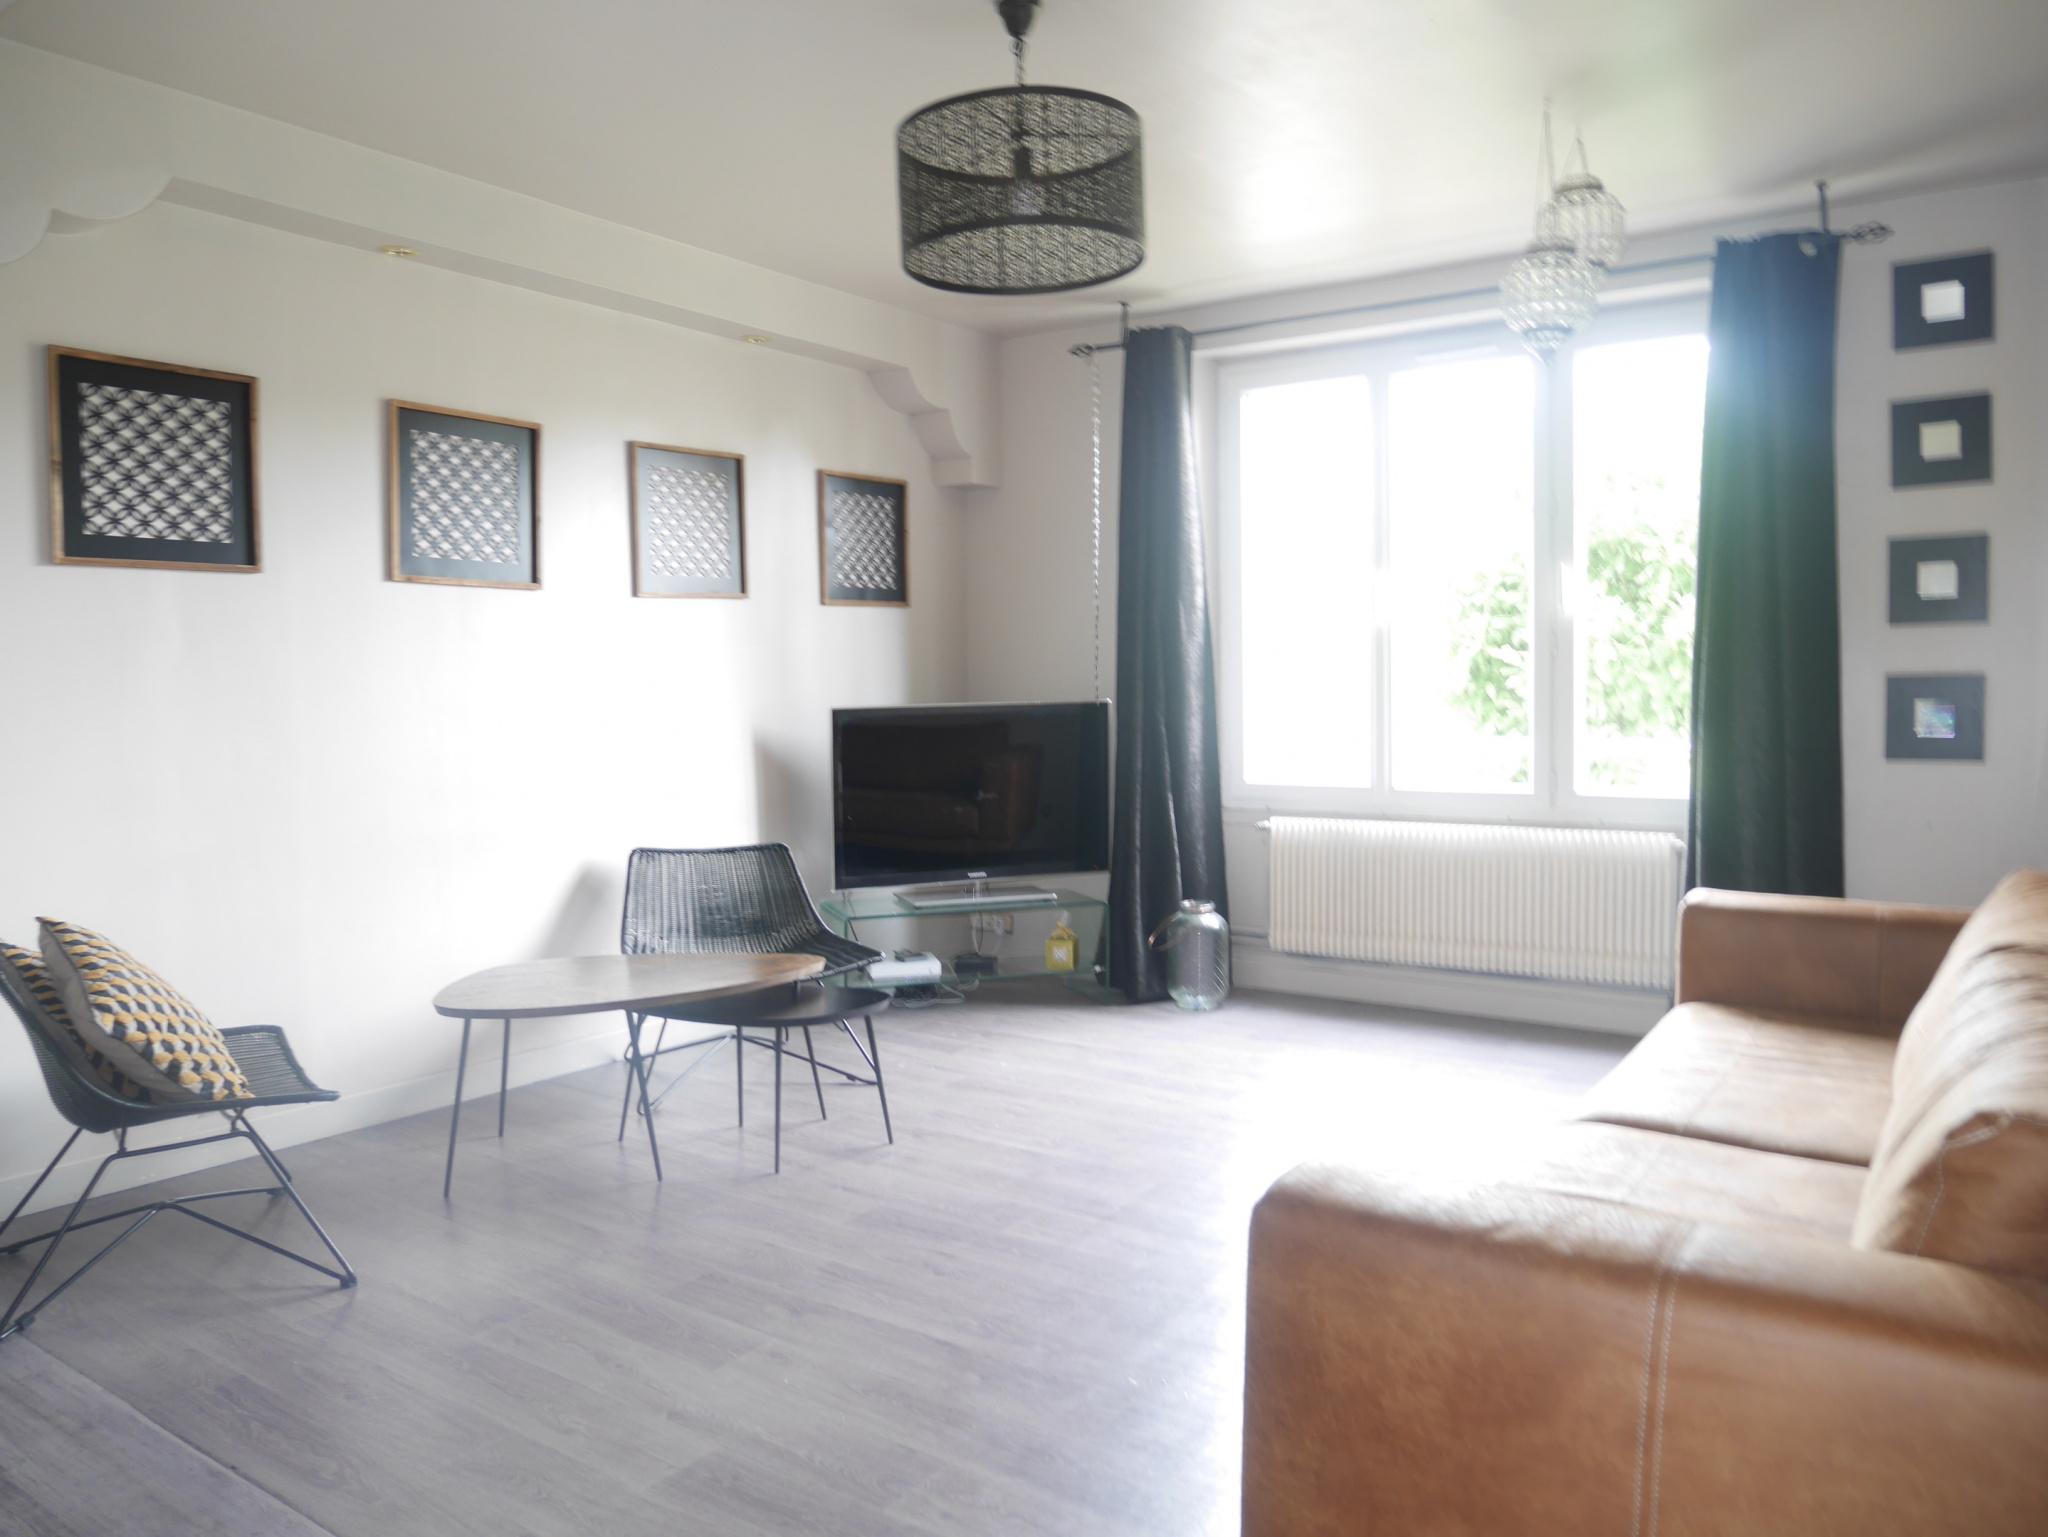 appartement vente france m tres carr s 78 dans le domaine de aube ref jevre80006363